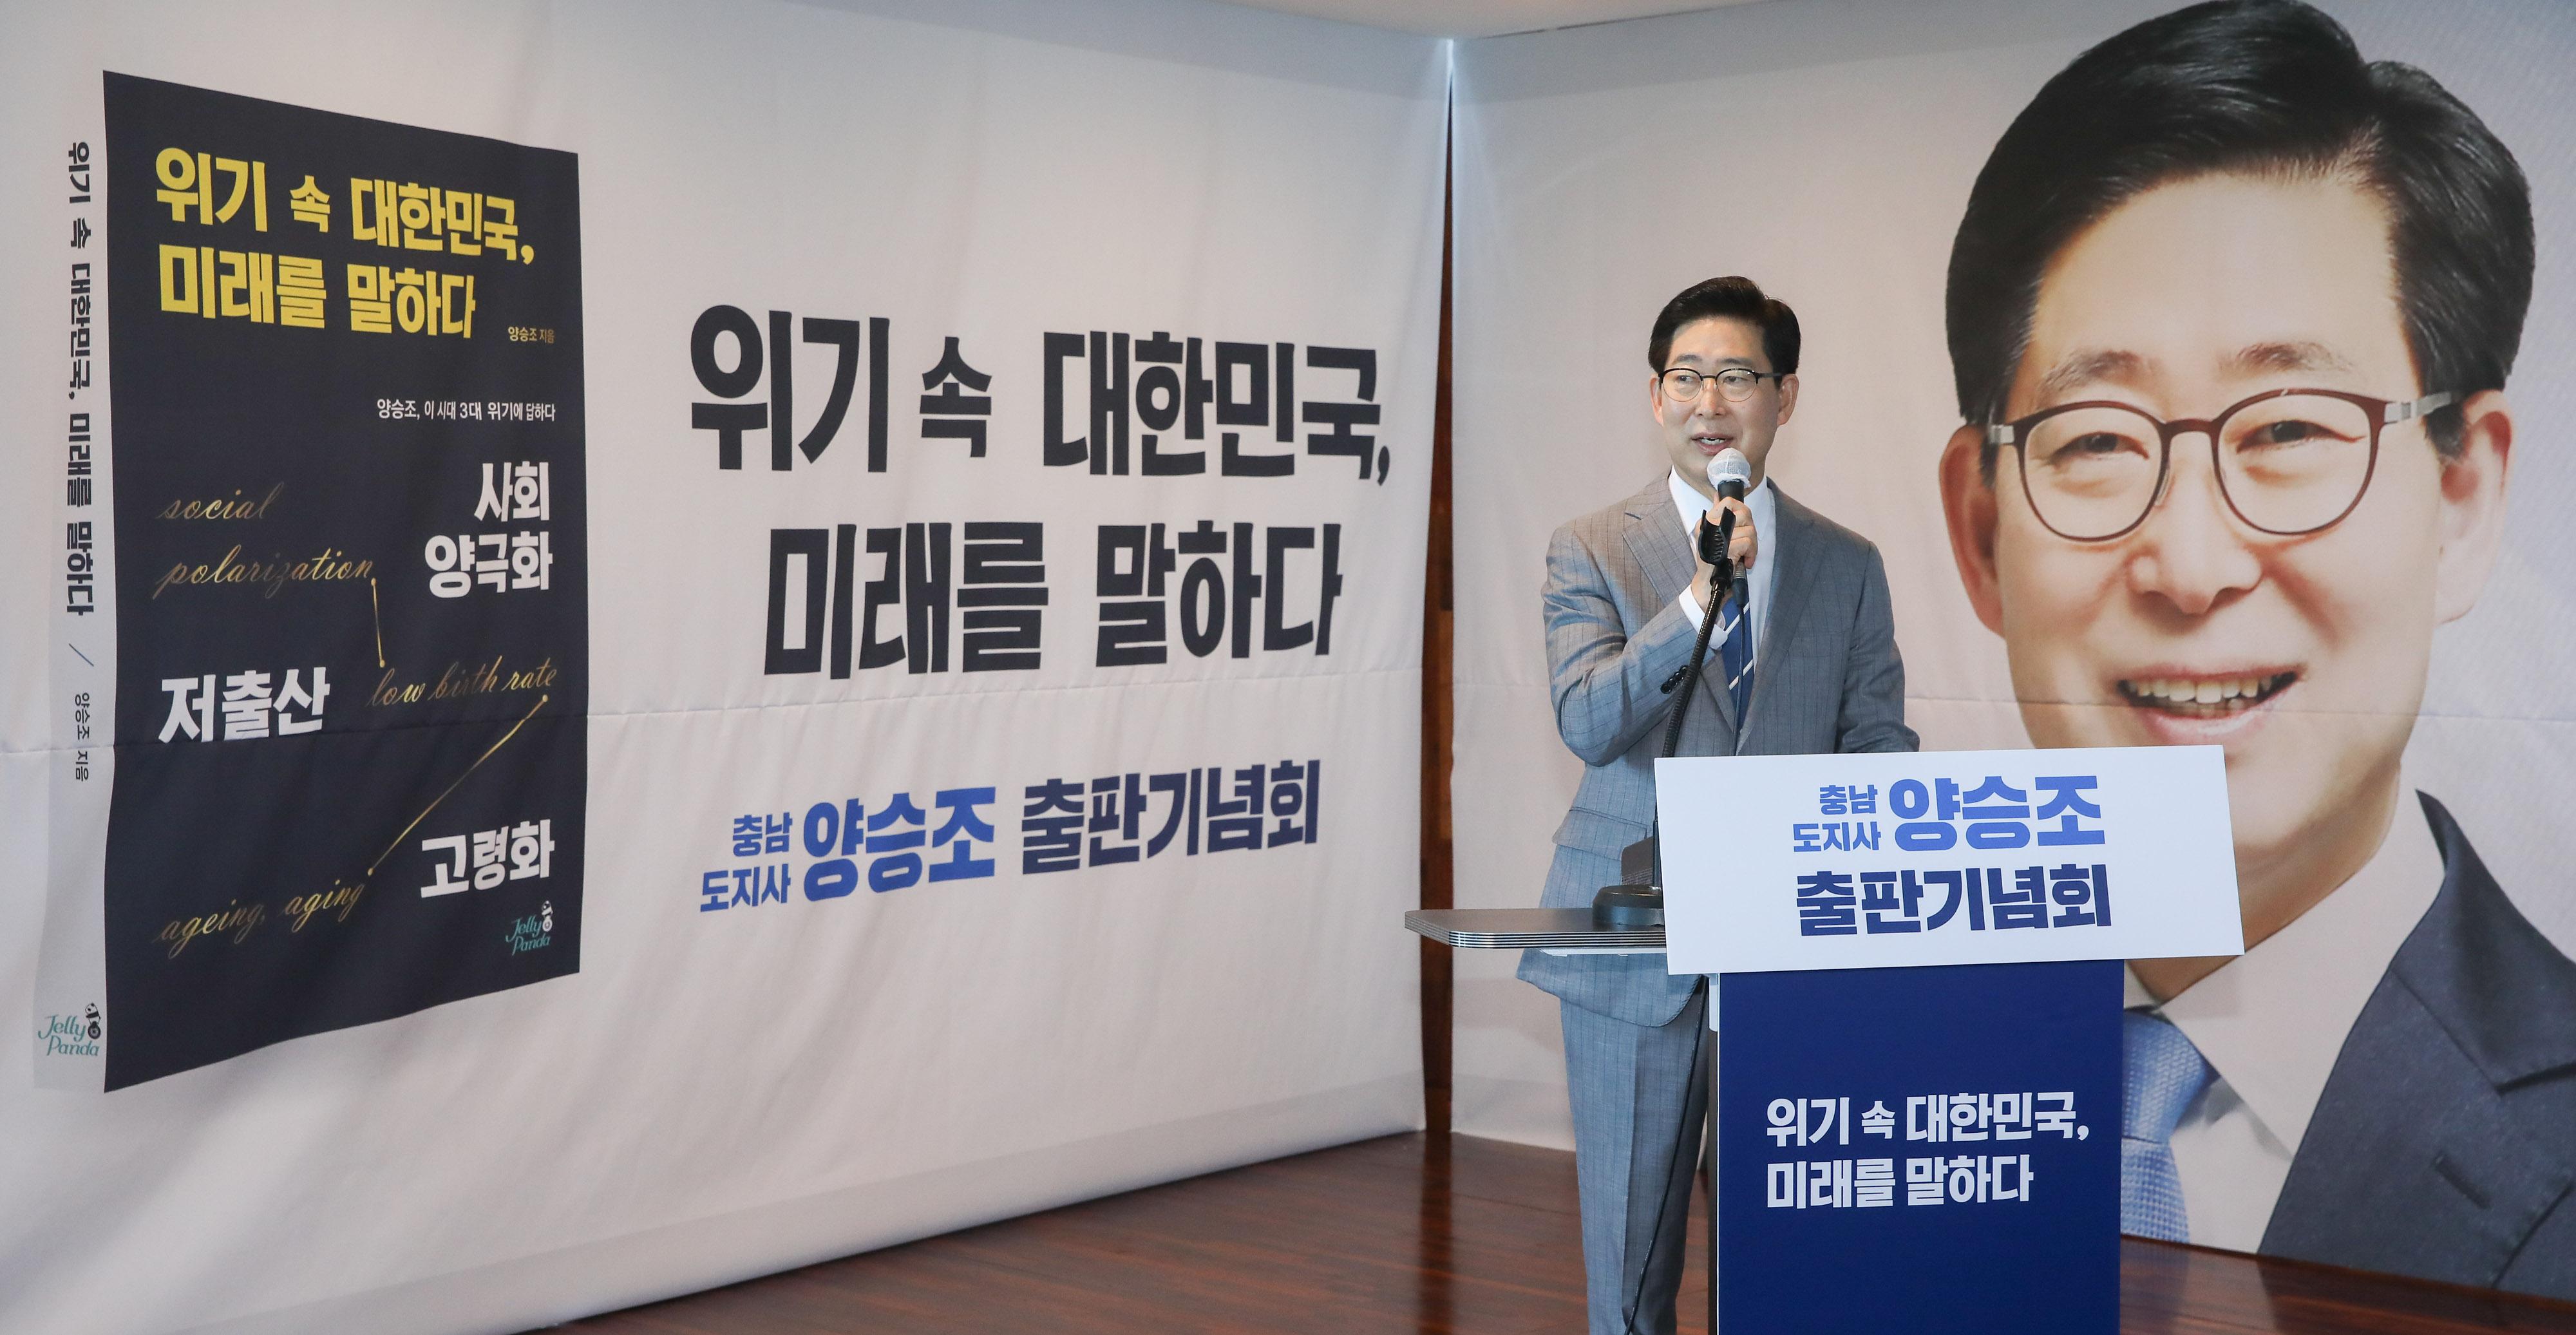 """양승조 """"3대 위기 극복, 더불어 잘사는 나라 만들 것"""""""